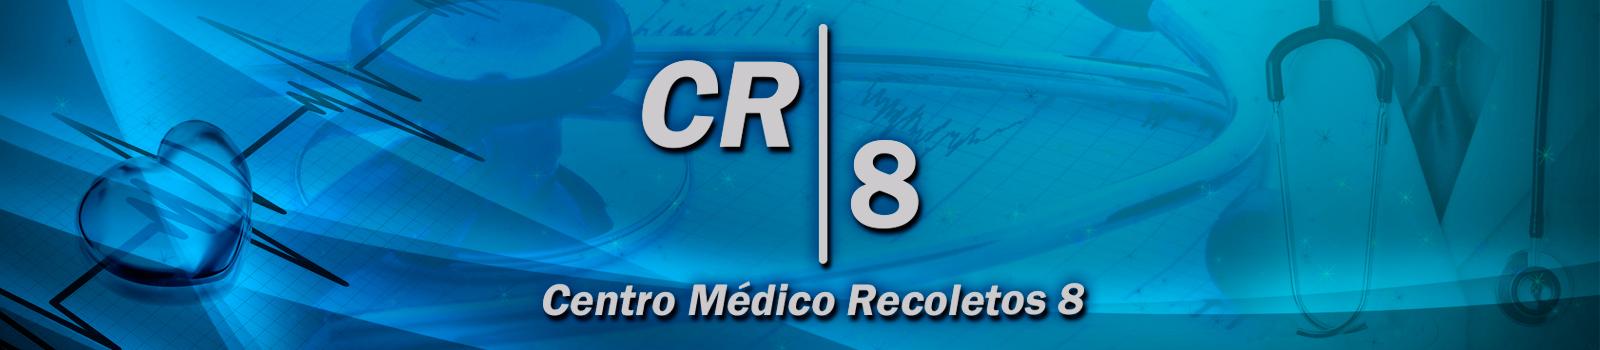 Centro clínico, Recoletos 8, médicos, tecnología avanzada,estudio de la pisada